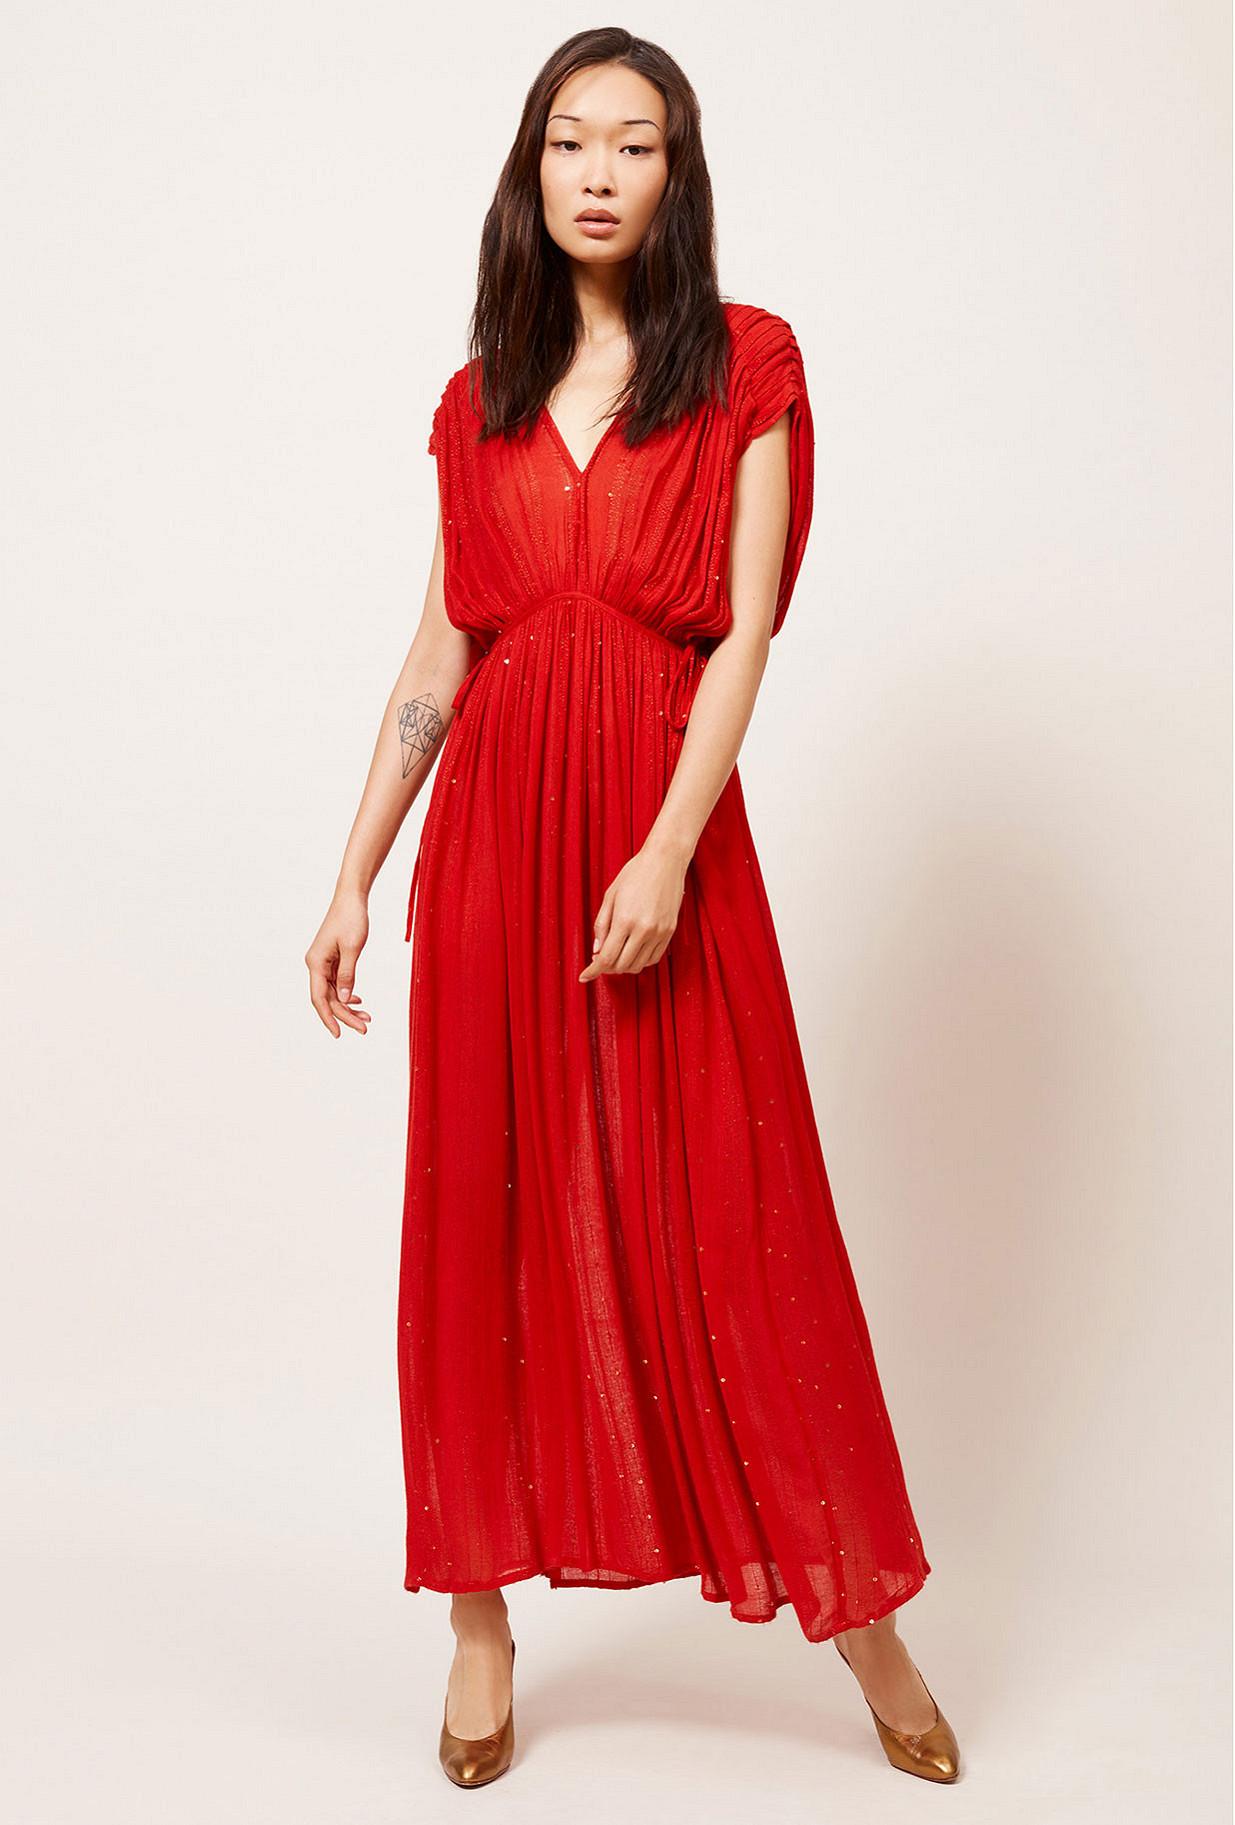 Red  Dress  Nokomis Mes demoiselles fashion clothes designer Paris